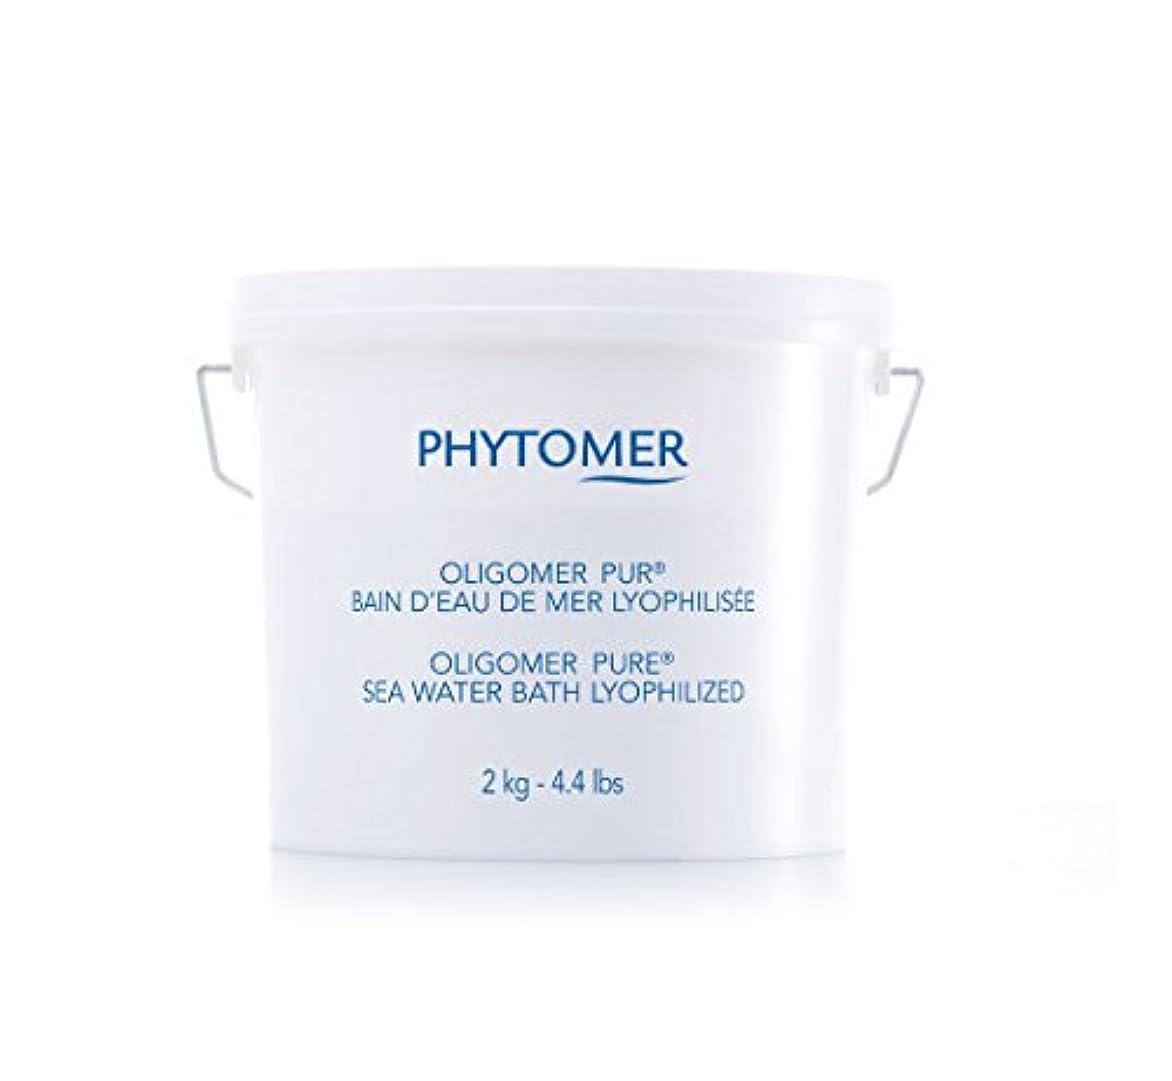 土砂降りトンネルパシフィックPHYTOMER(フィトメール) オリゴメール ピュア 2kg